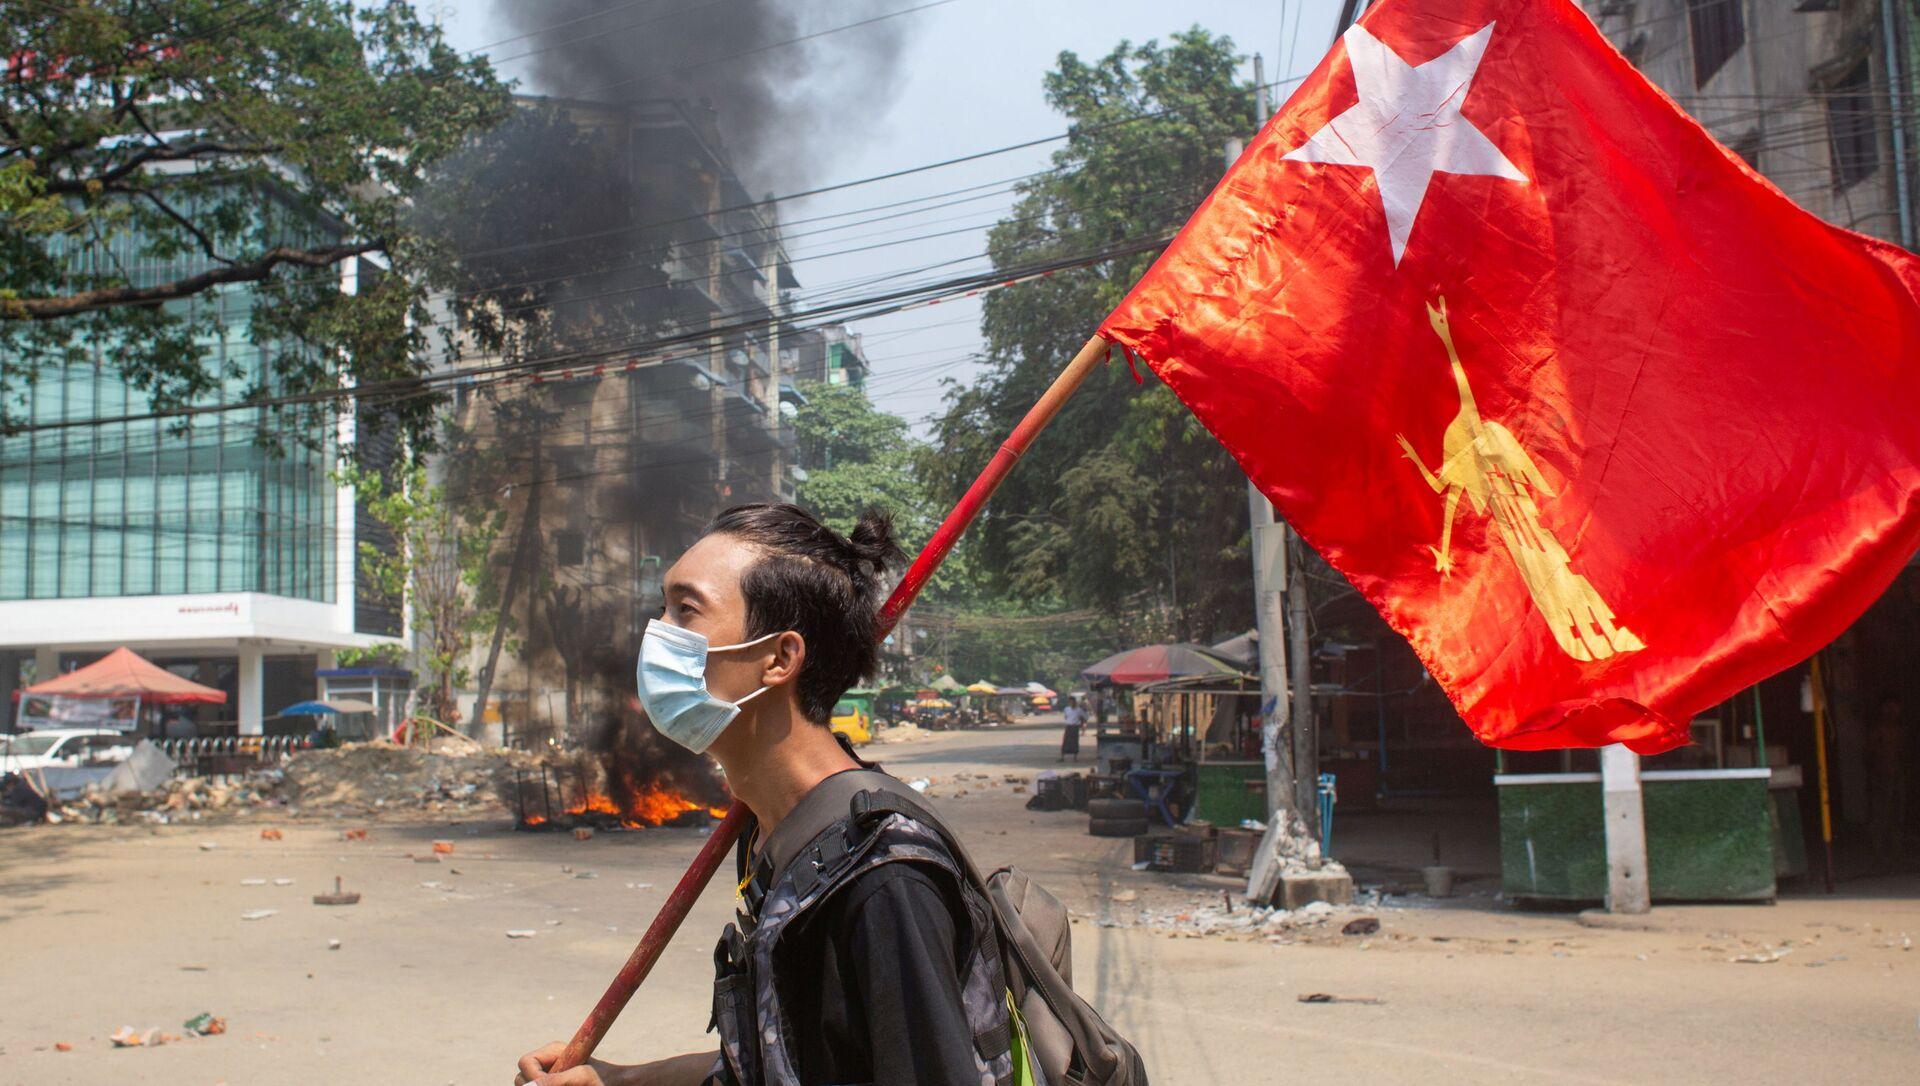 Một người đàn ông cầm cờ của Liên đoàn Quốc gia vì Dân chủ trong cuộc biểu tình phản đối đảo chính quân sự ở Yangon, Myanmar. - Sputnik Việt Nam, 1920, 22.09.2021